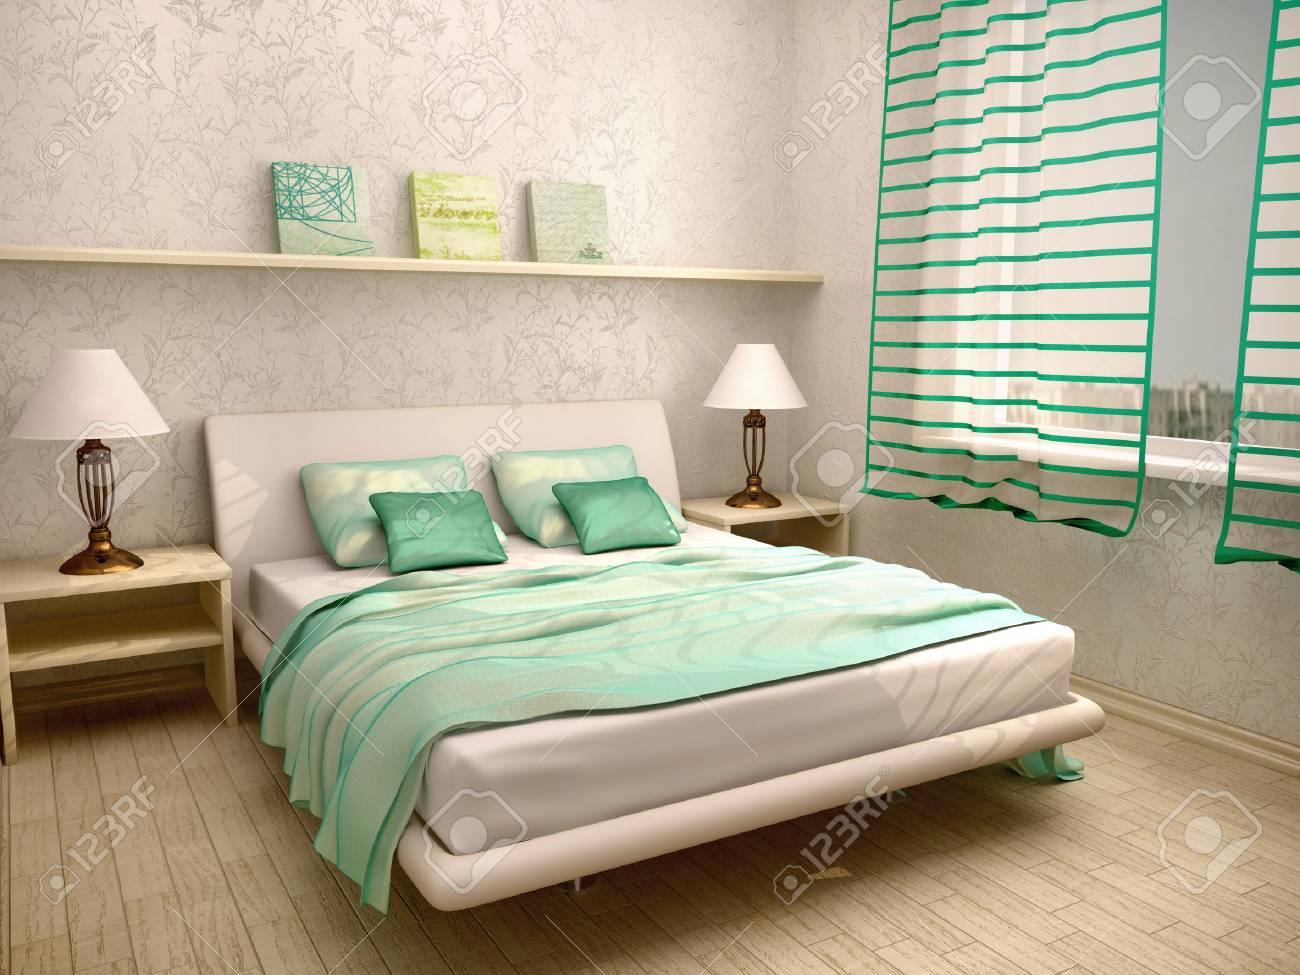 3d Darstellung Der Schlafzimmer Interieur In Einem Hellen Turkis